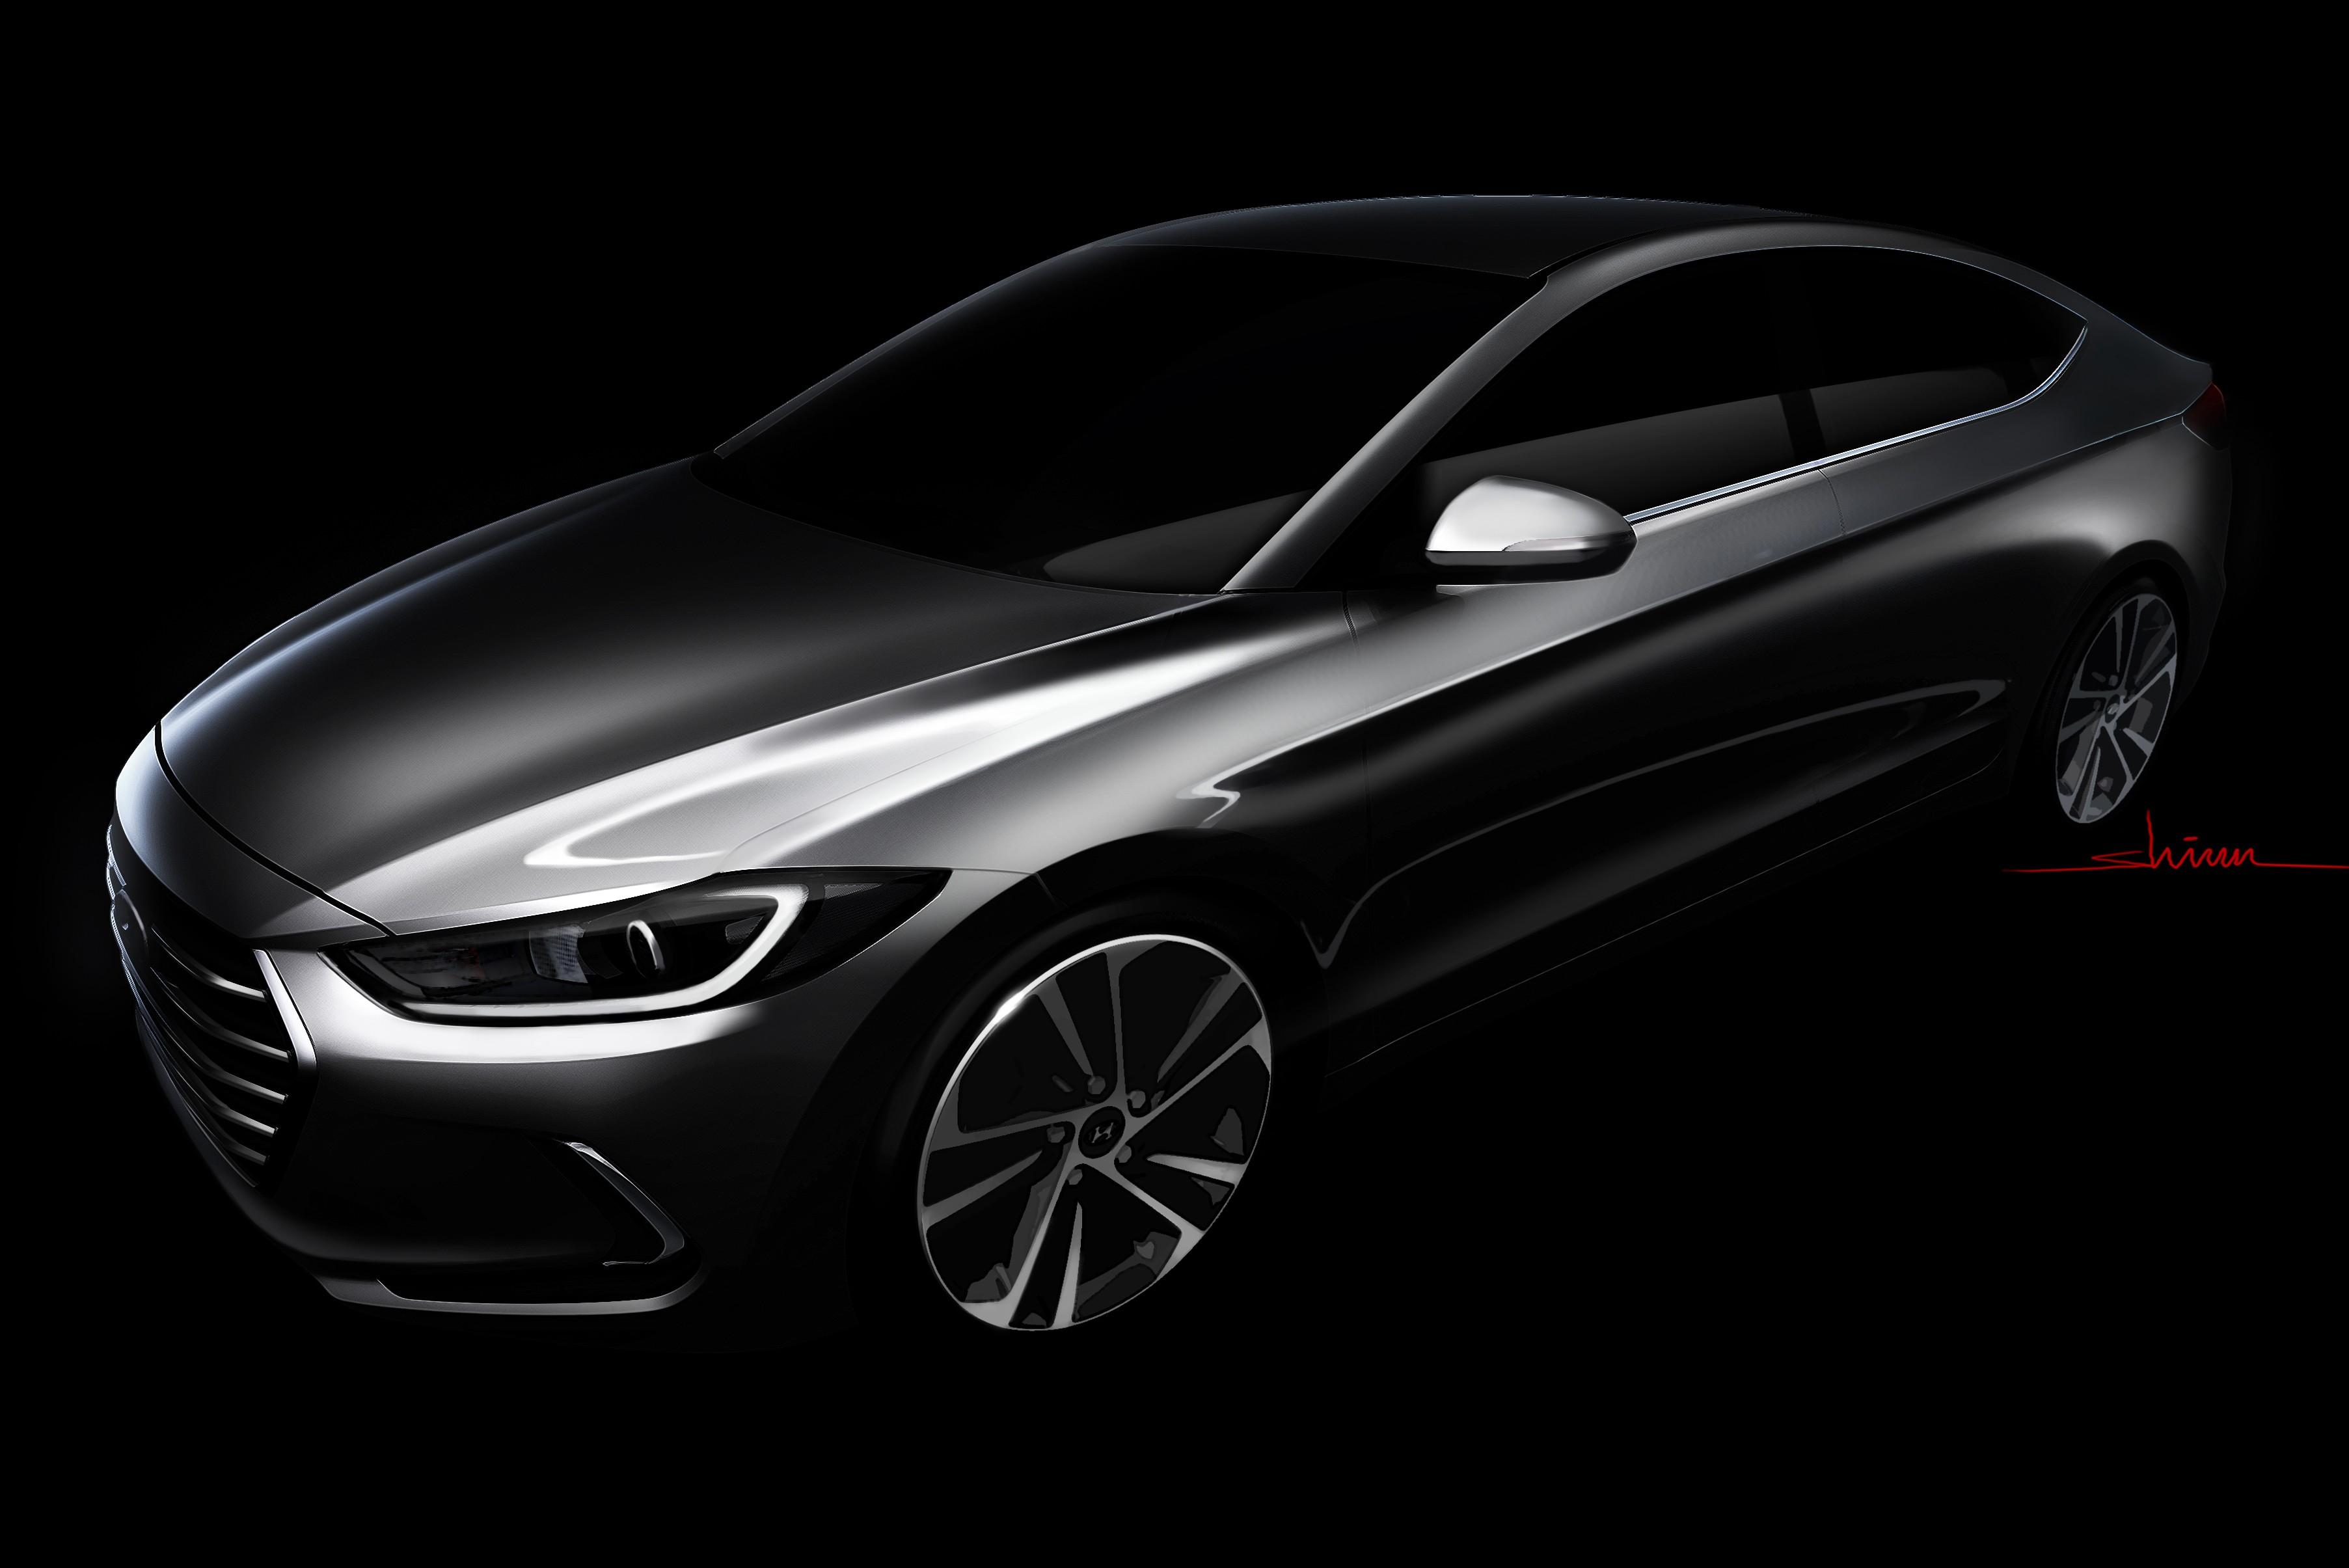 Hyundai releases sketch of all new Elantra Autos